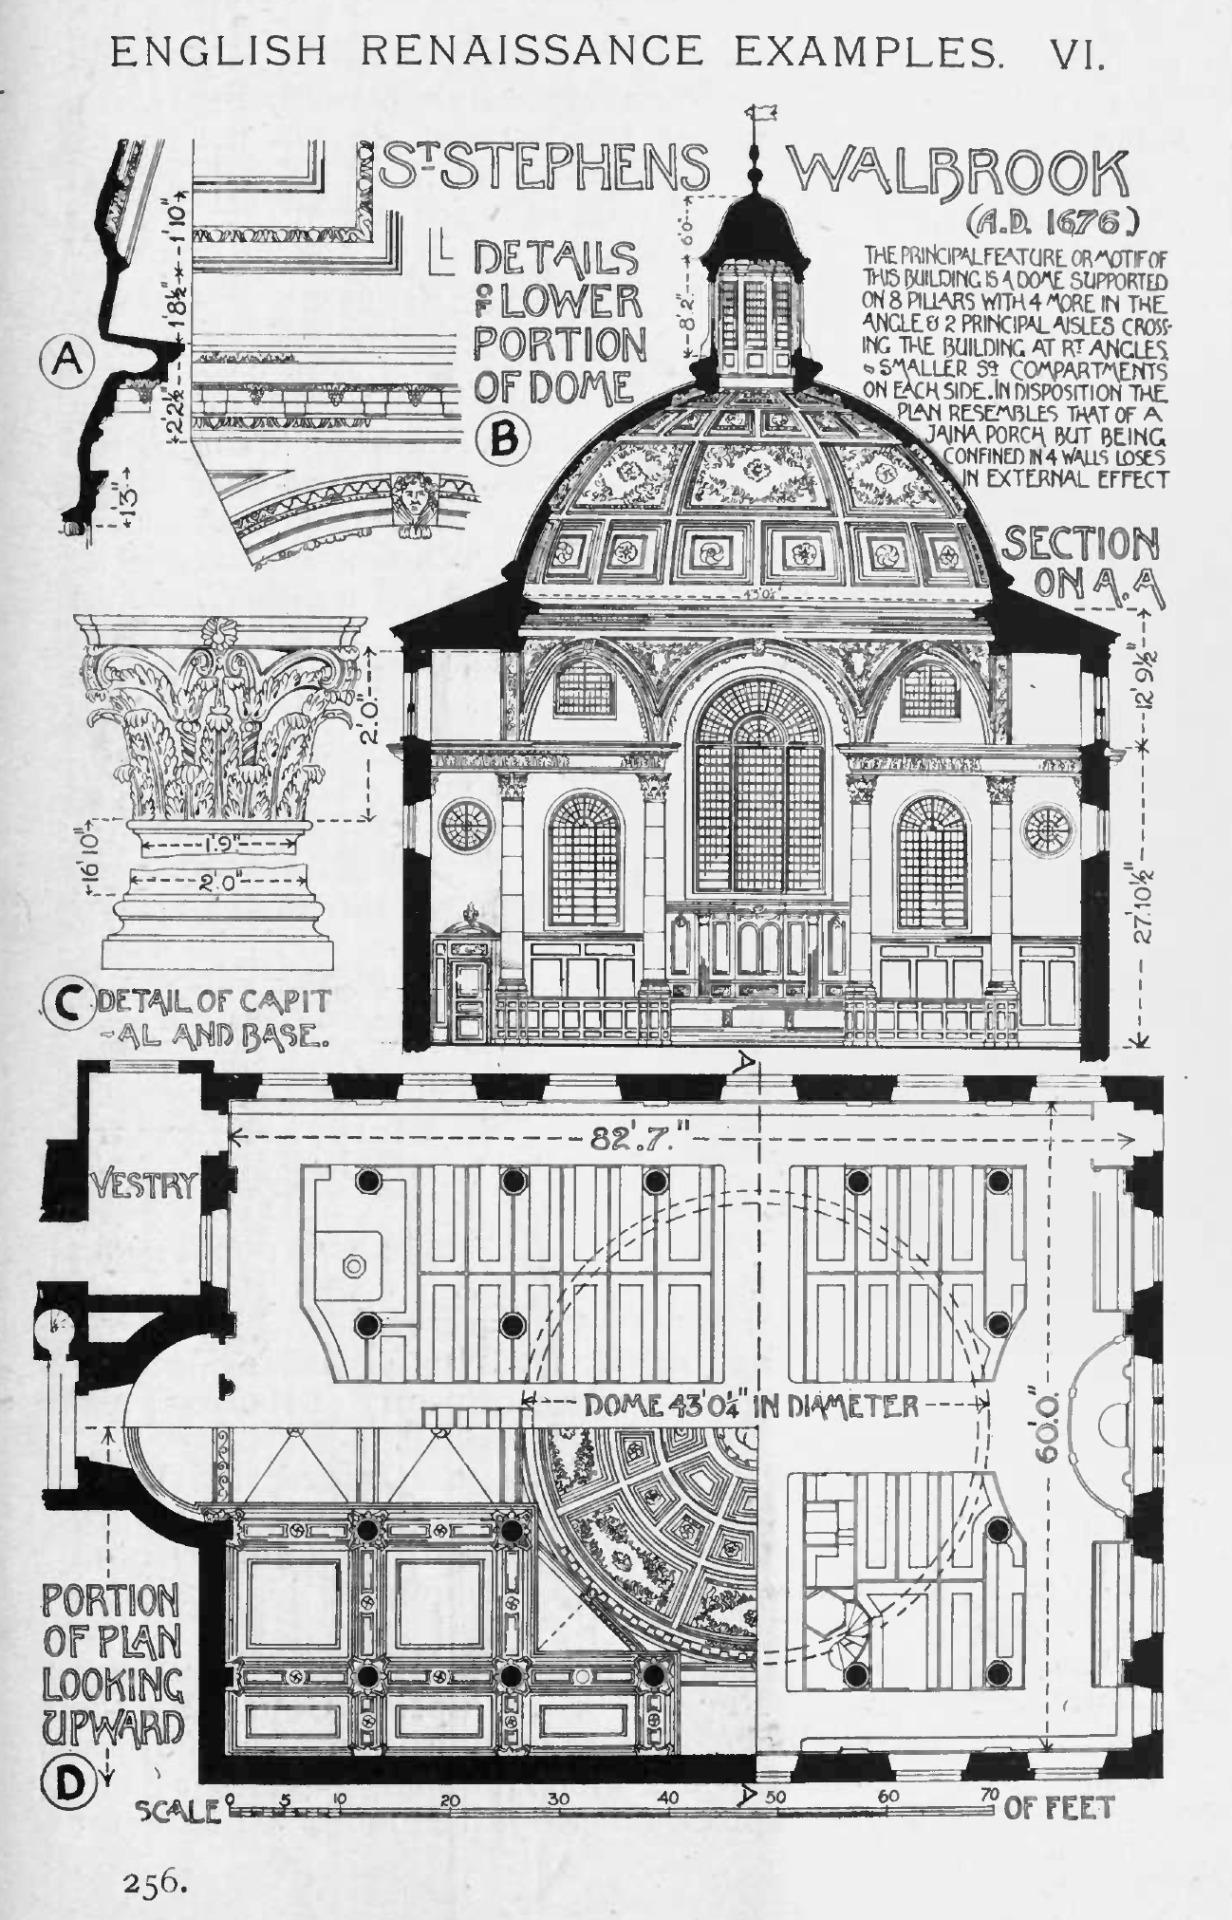 Best Kitchen Gallery: European Architecture English Renaissance Church Ex Les A of English Renaissance Architecture on rachelxblog.com